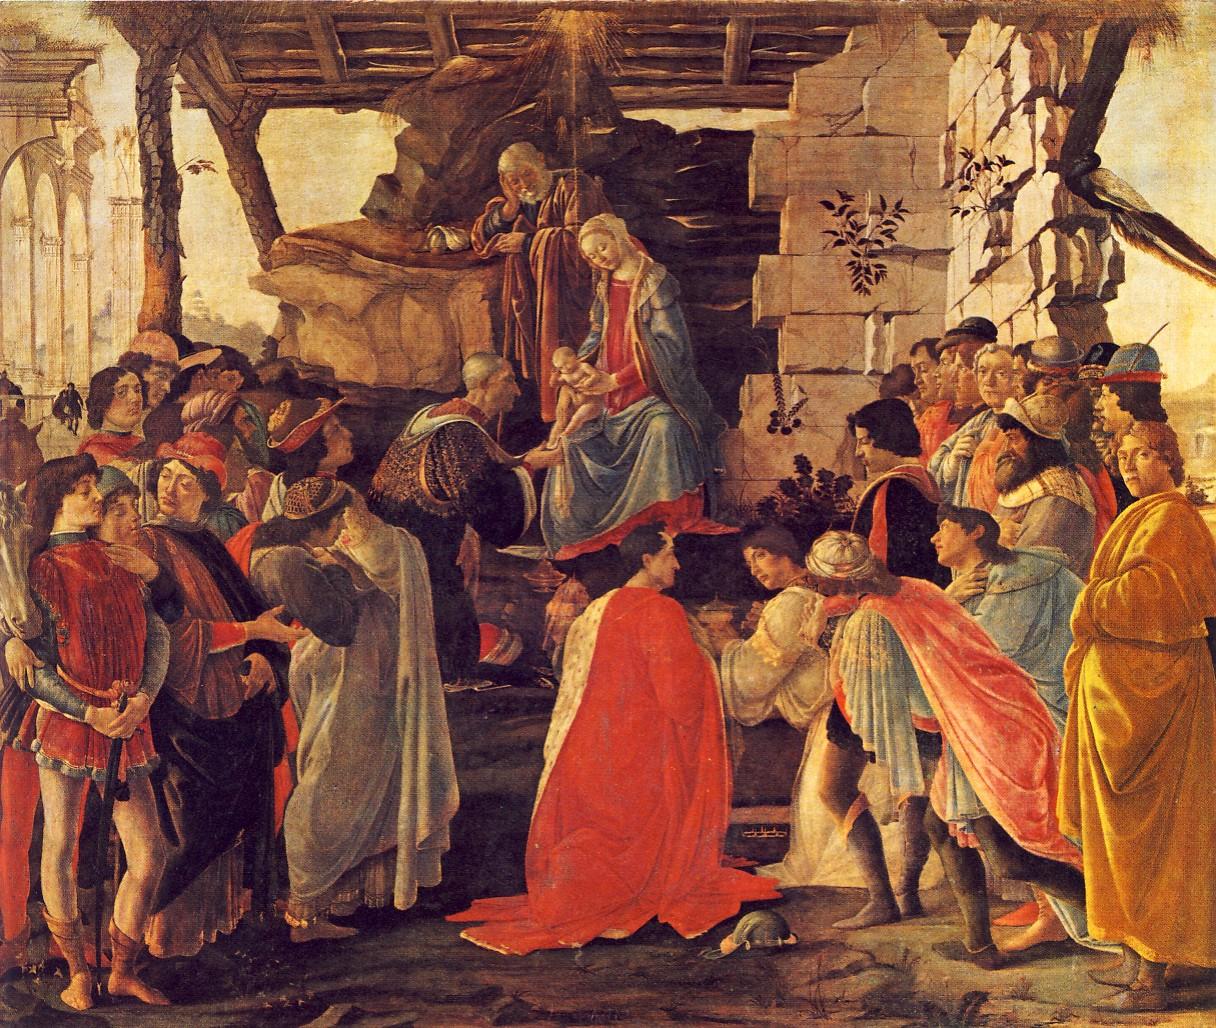 S.BOTTICELLI, L'Adorazione dei magi, 1475, tempera su tavola, cm.111 x 134, Firenze, Galleria degli Uffizi